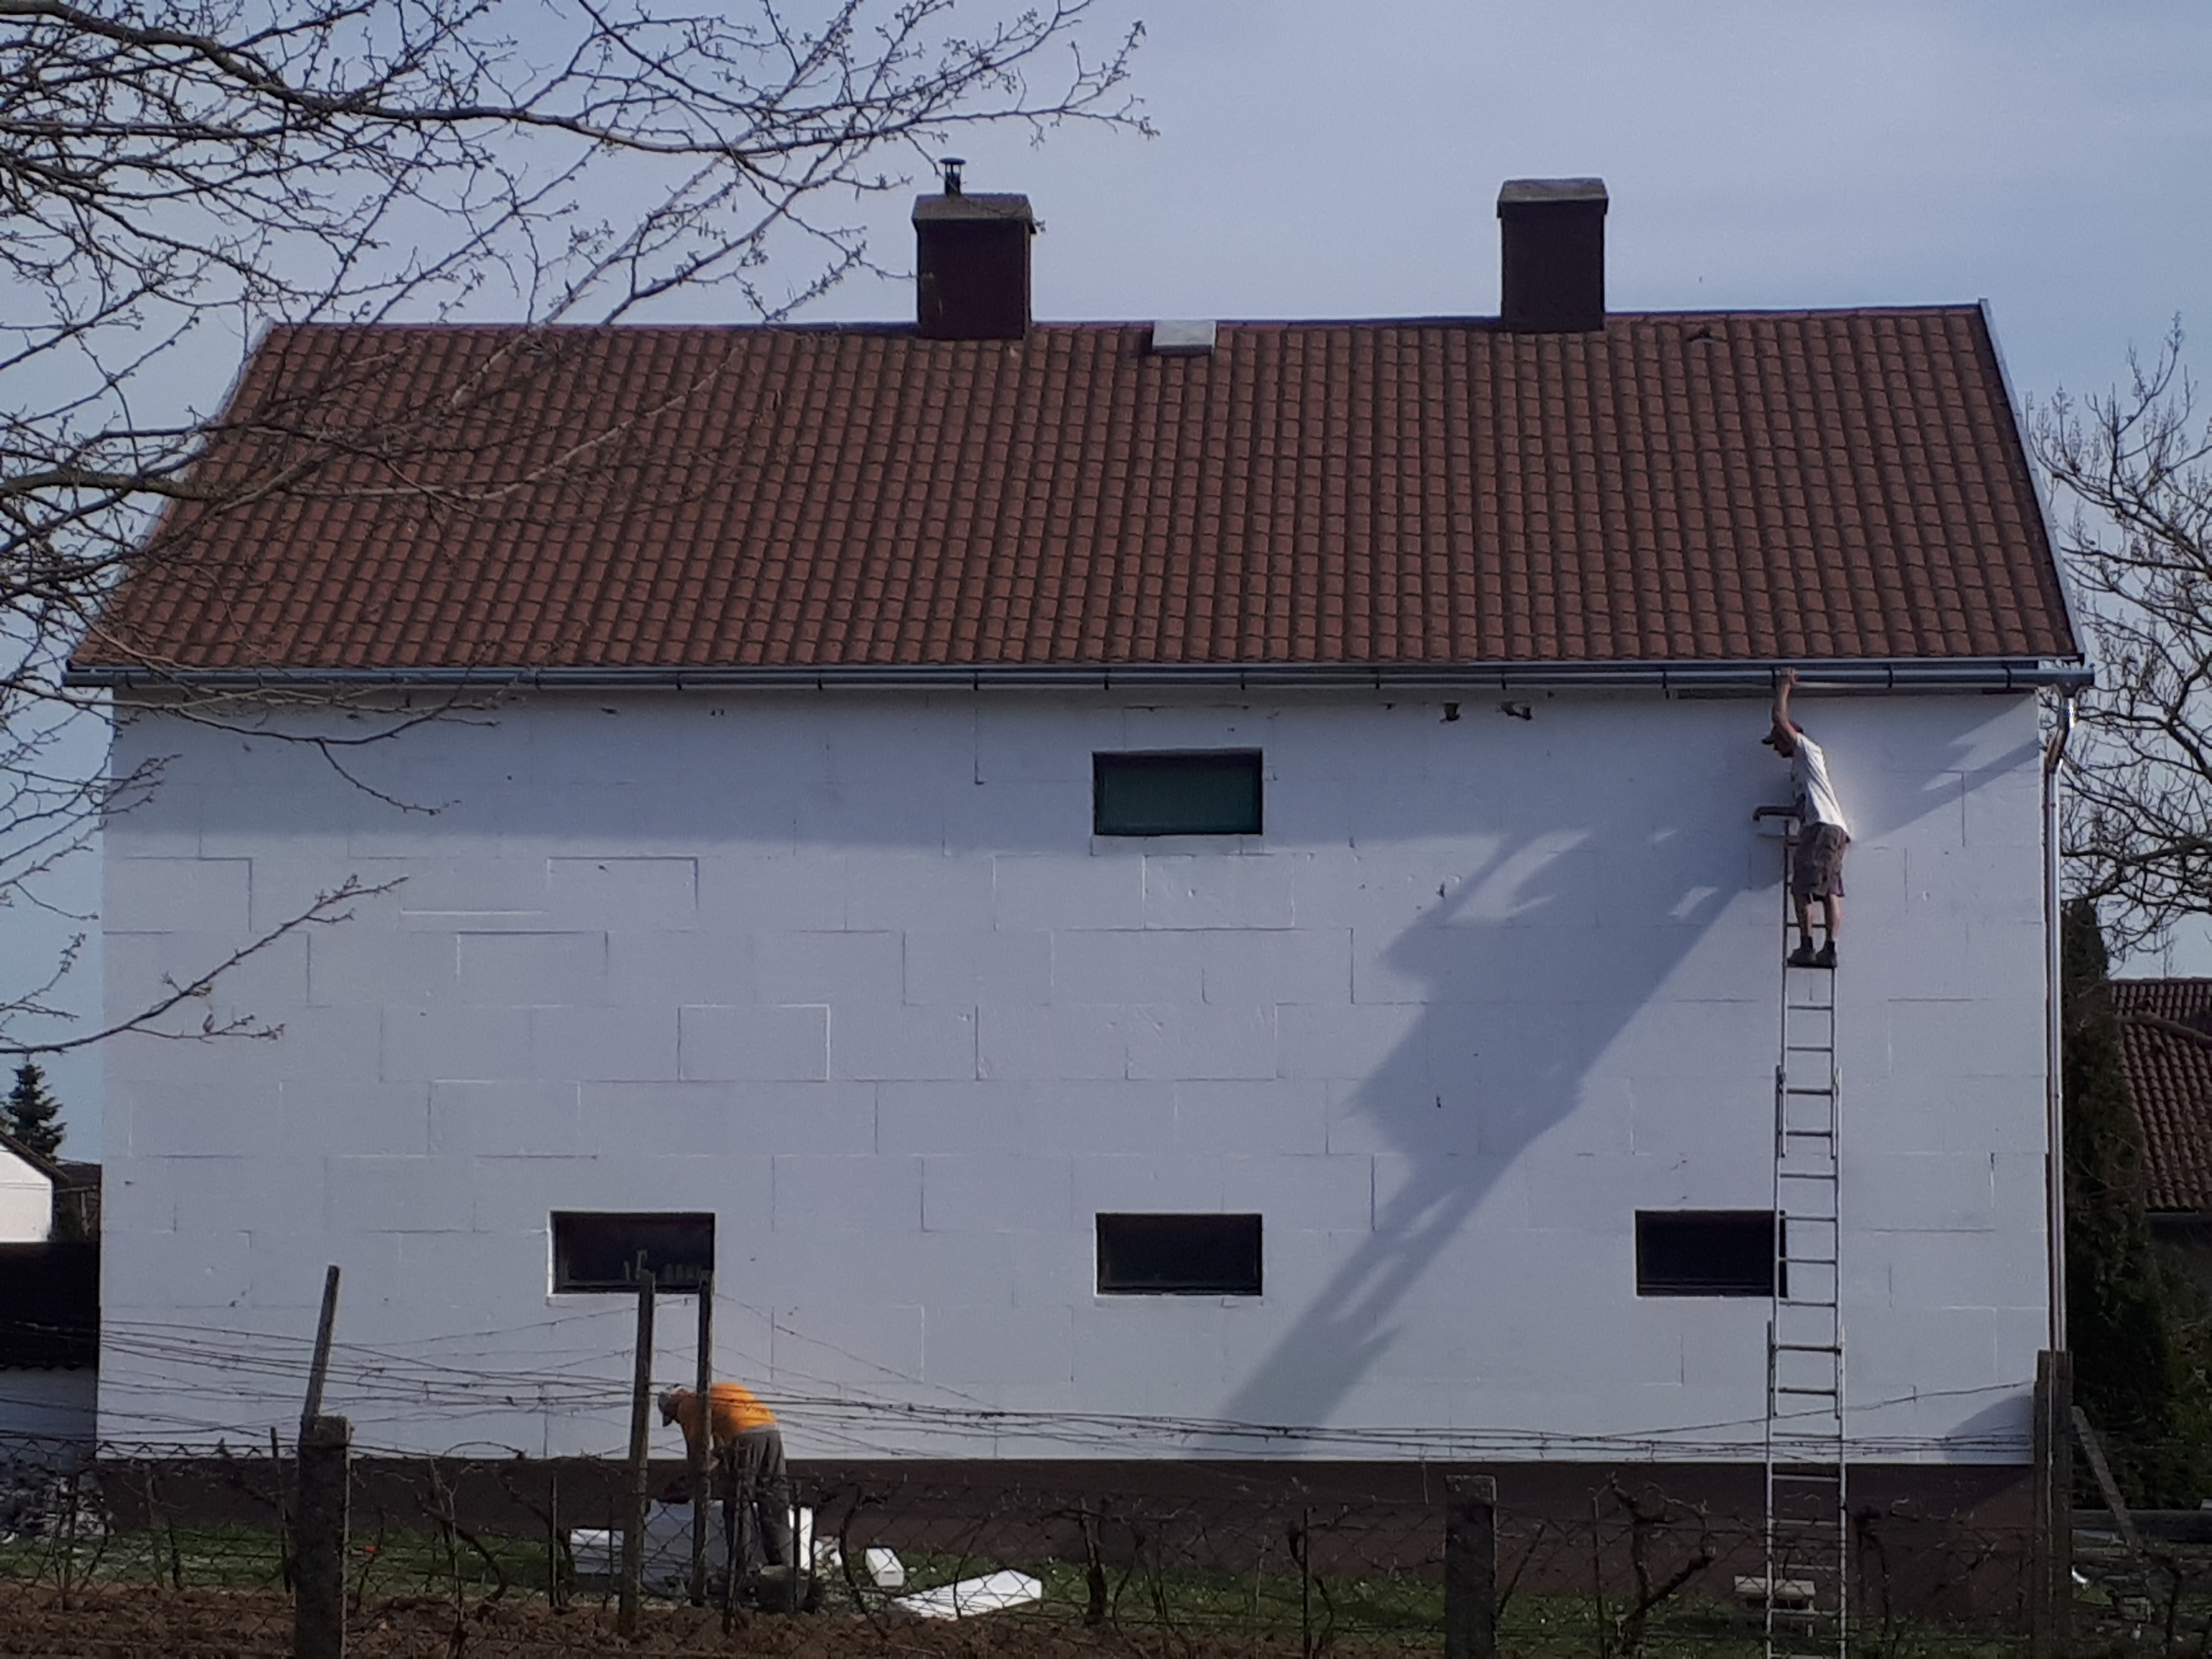 Palatető felújítás Kocsér, palatető szigetelés KocsérCsaládi ház palatető felújítása